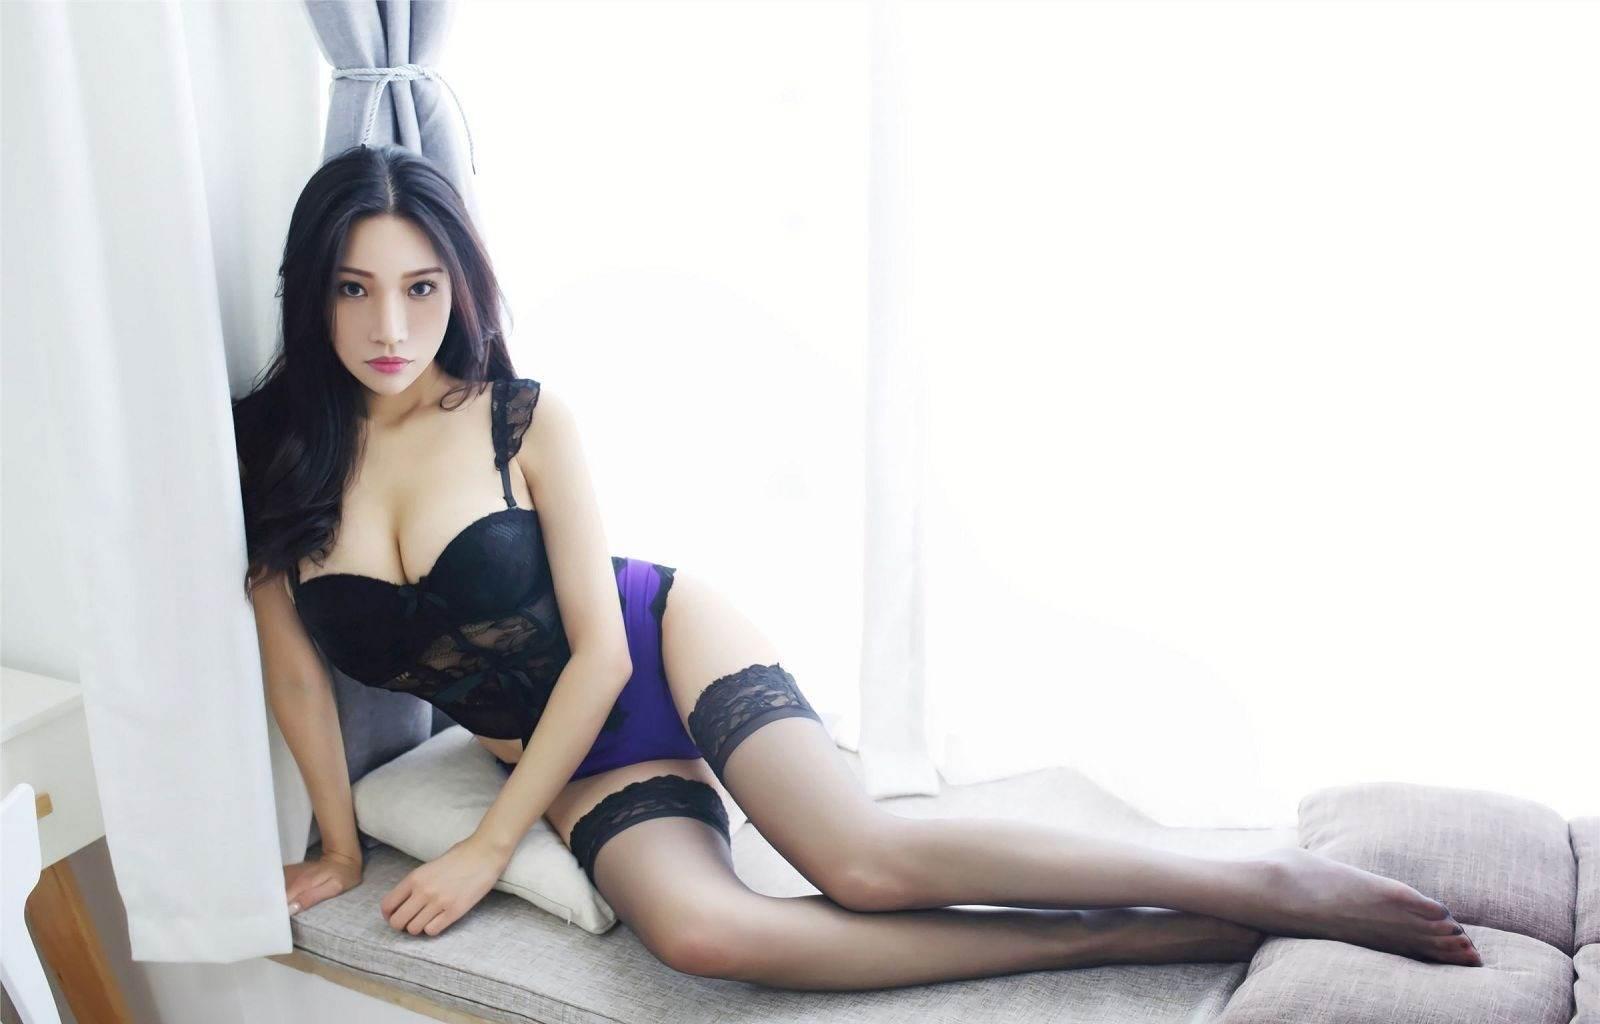 第119期诱人黑丝小狐狸(黑丝,性感内衣)_图片1